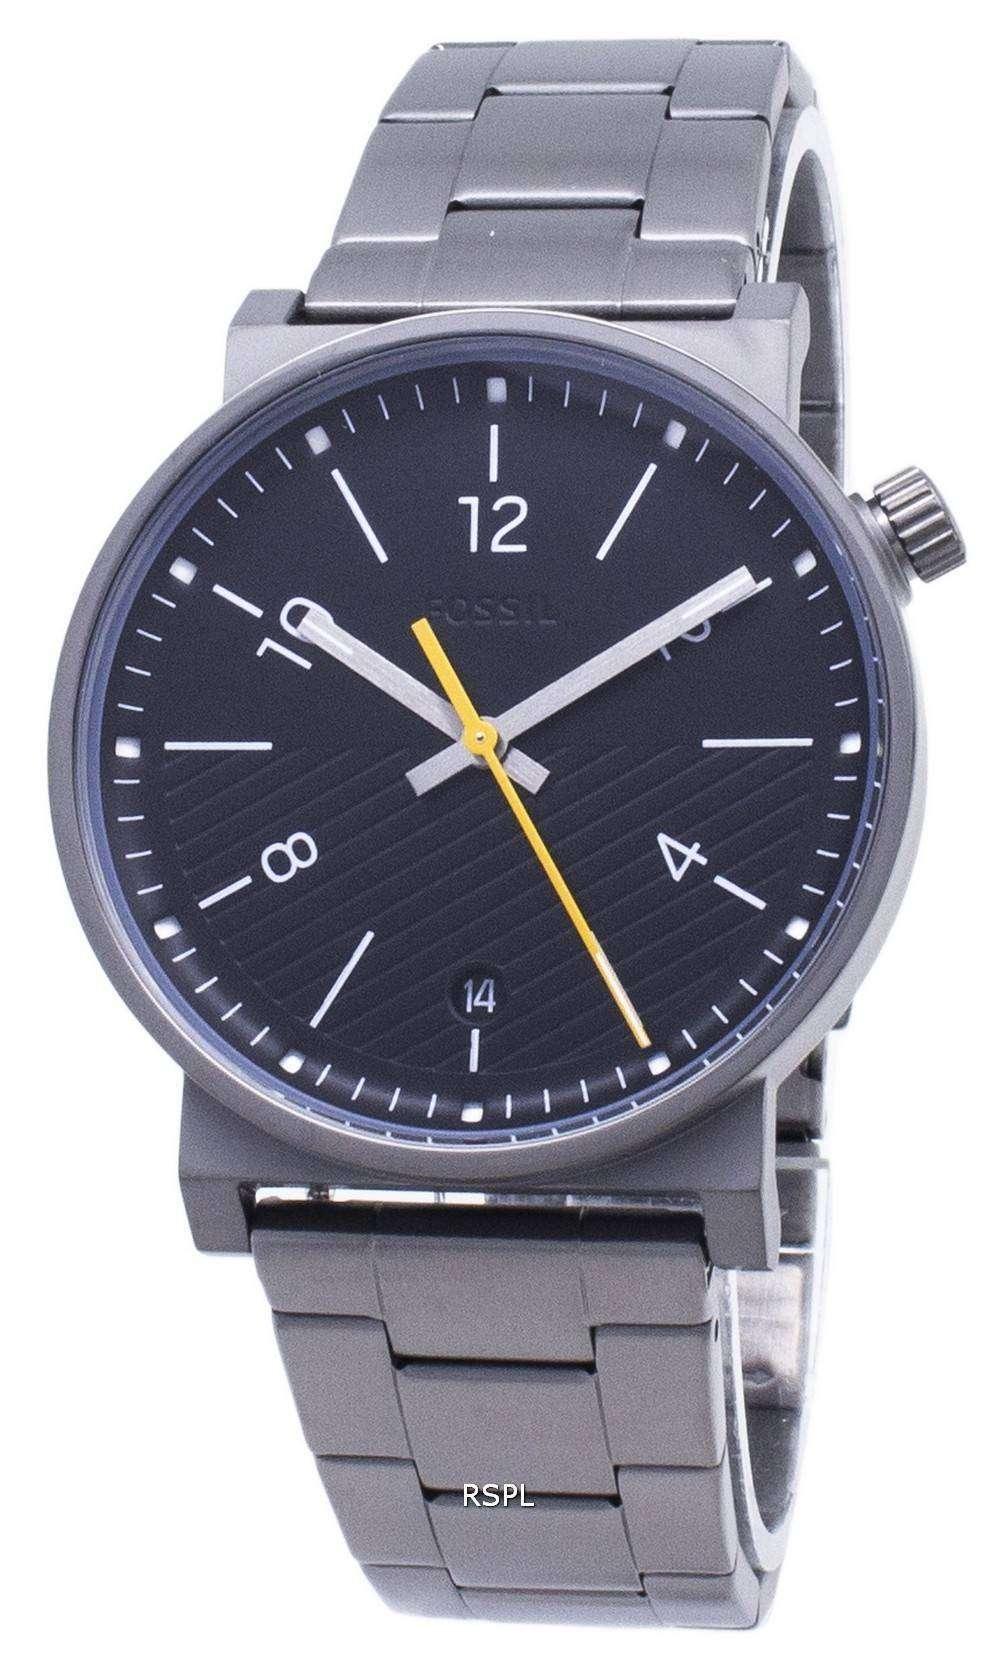 화석 바 스토 FS5508 쿼 츠 아날로그 남성용 손목시계